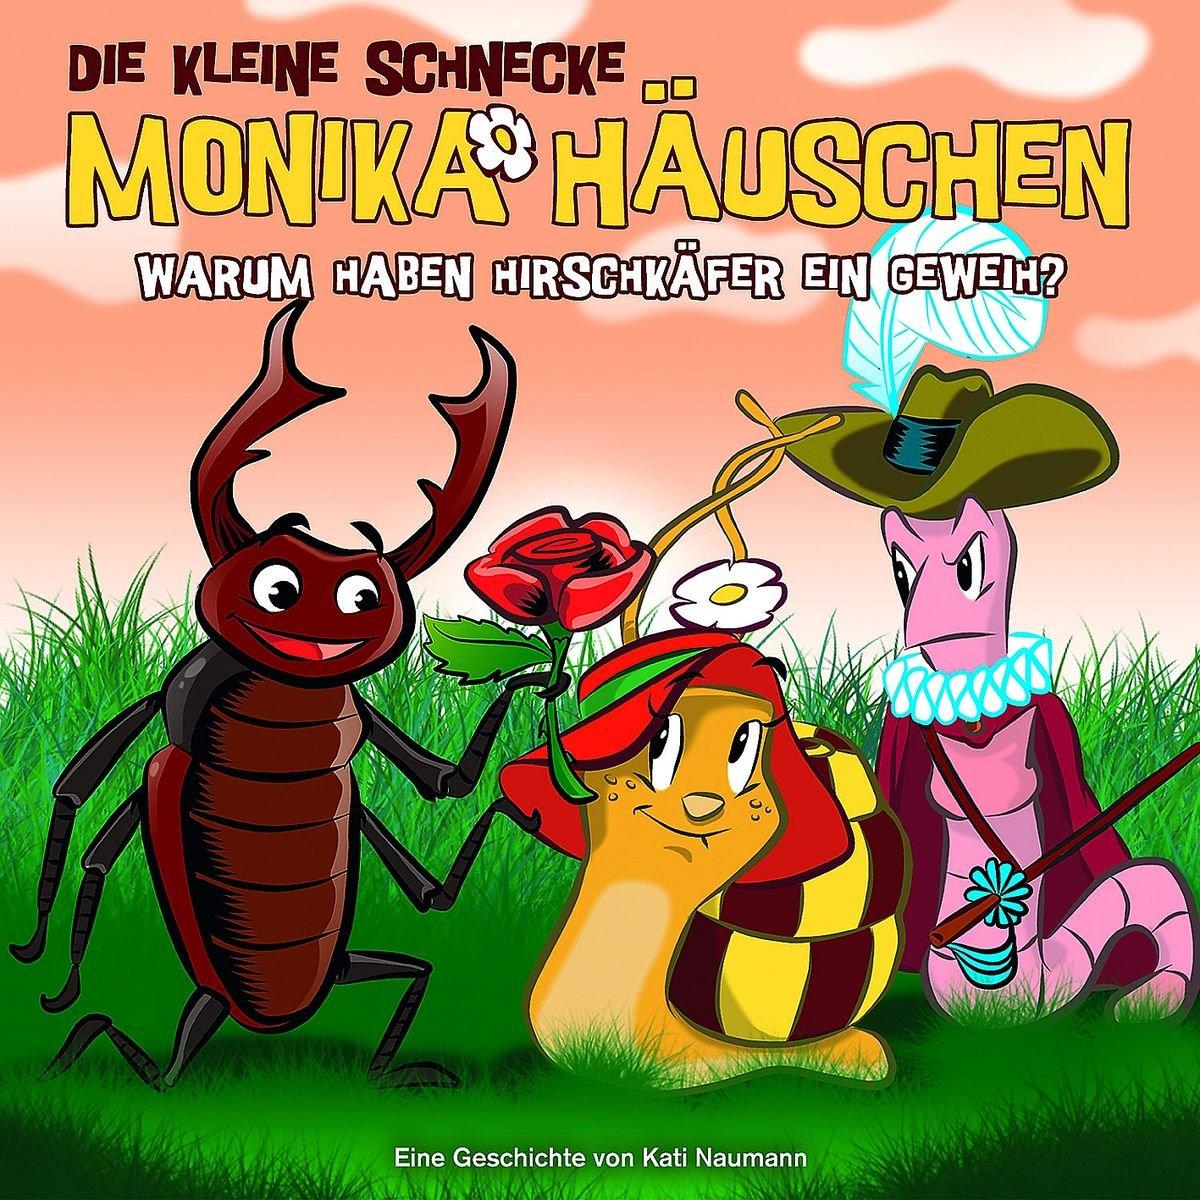 Die kleine Schnecke Monika Häuschen (35) Warum haben Hirschkäfer ein Geweih (Karussell)